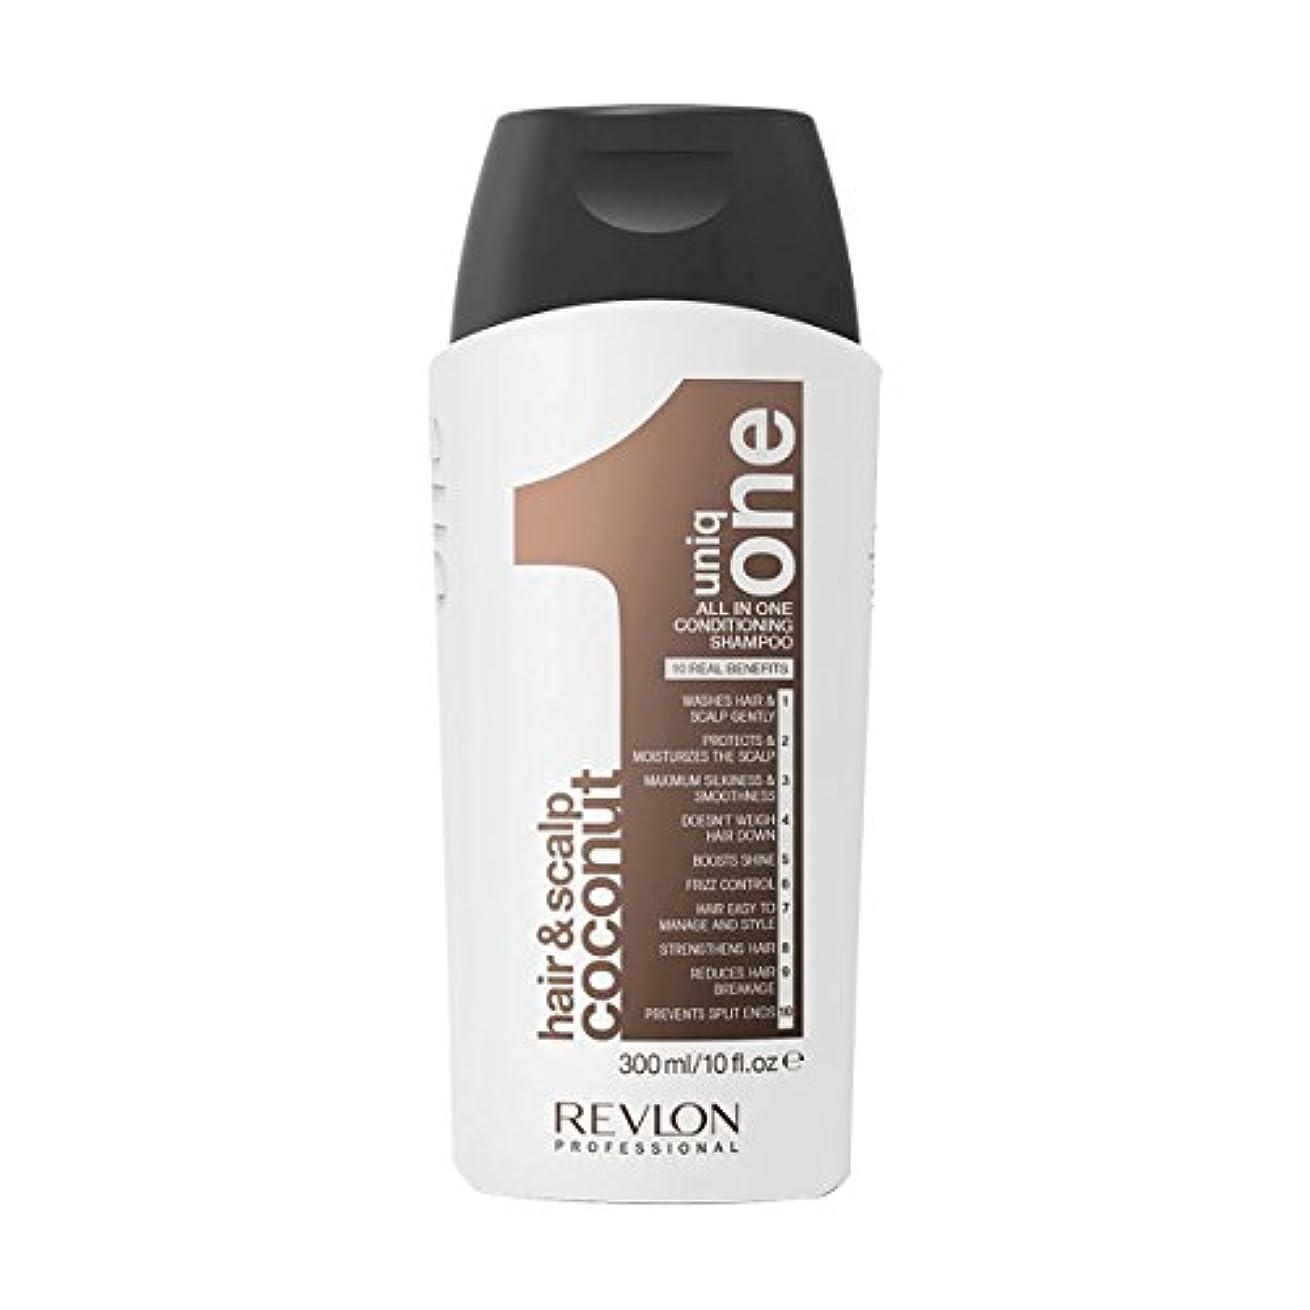 ハプニング土剪断Revlon Uniq Oneオールインワン コンディショニングシャンプー ココナッツ 300ml[海外直送品] [並行輸入品]